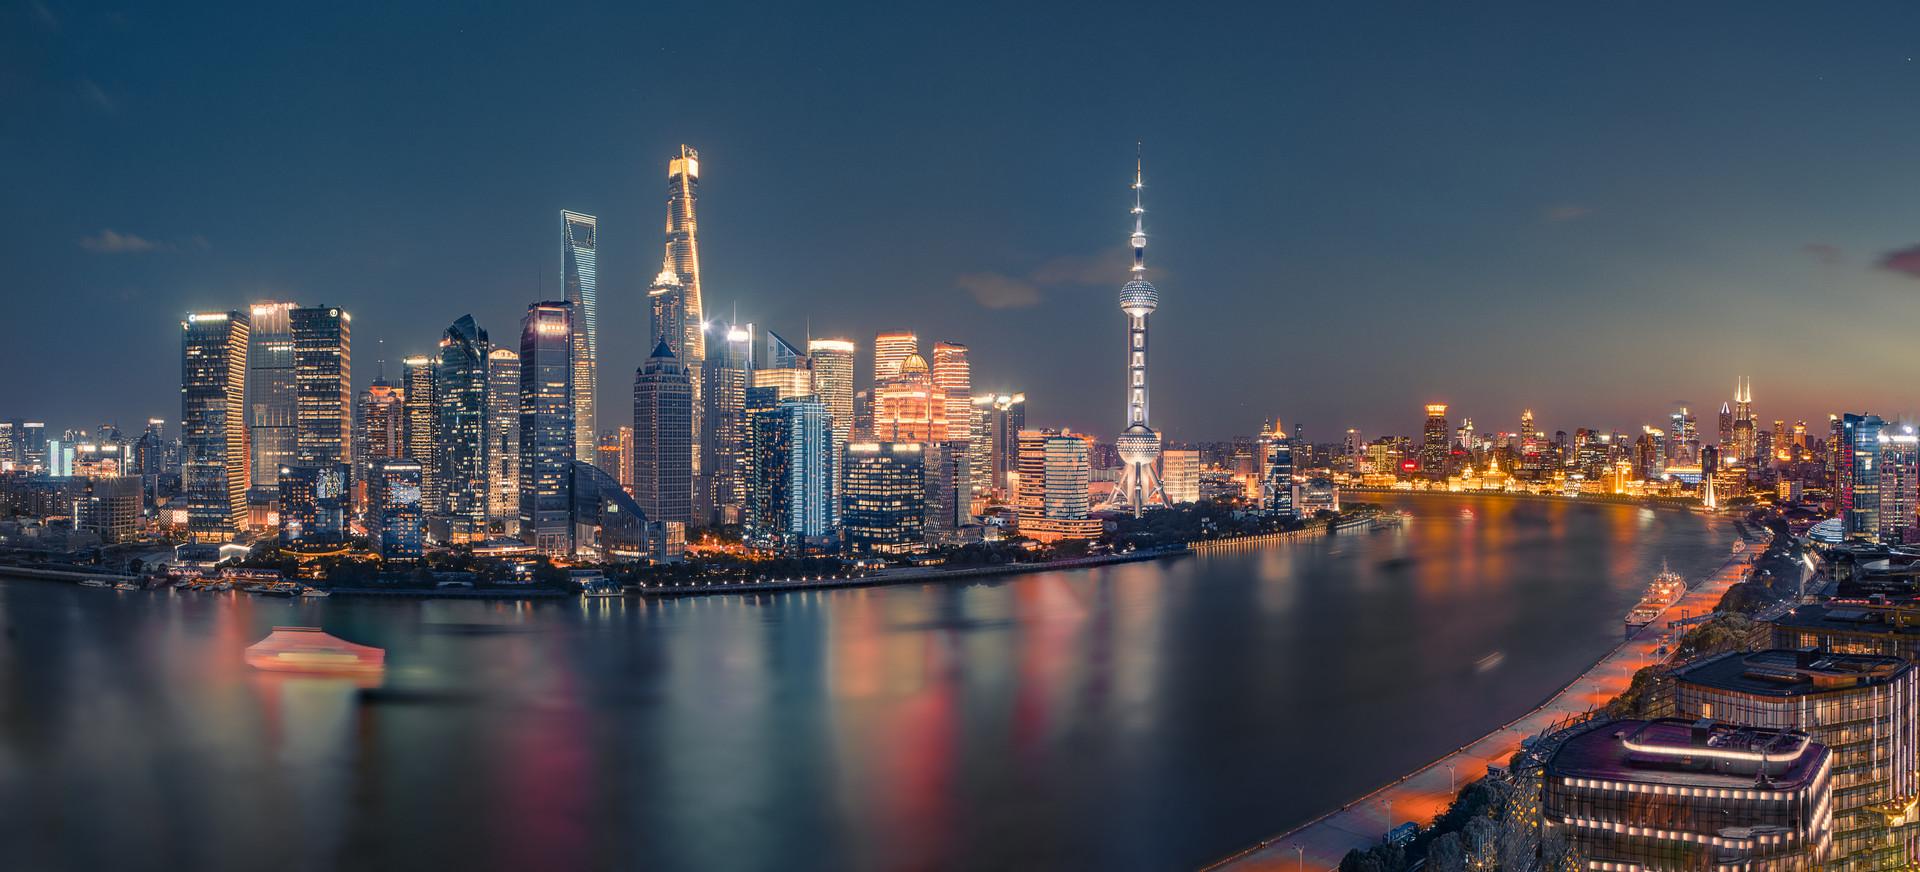 赴沪取经现代服务业:青岛跻身一流城市的通行证